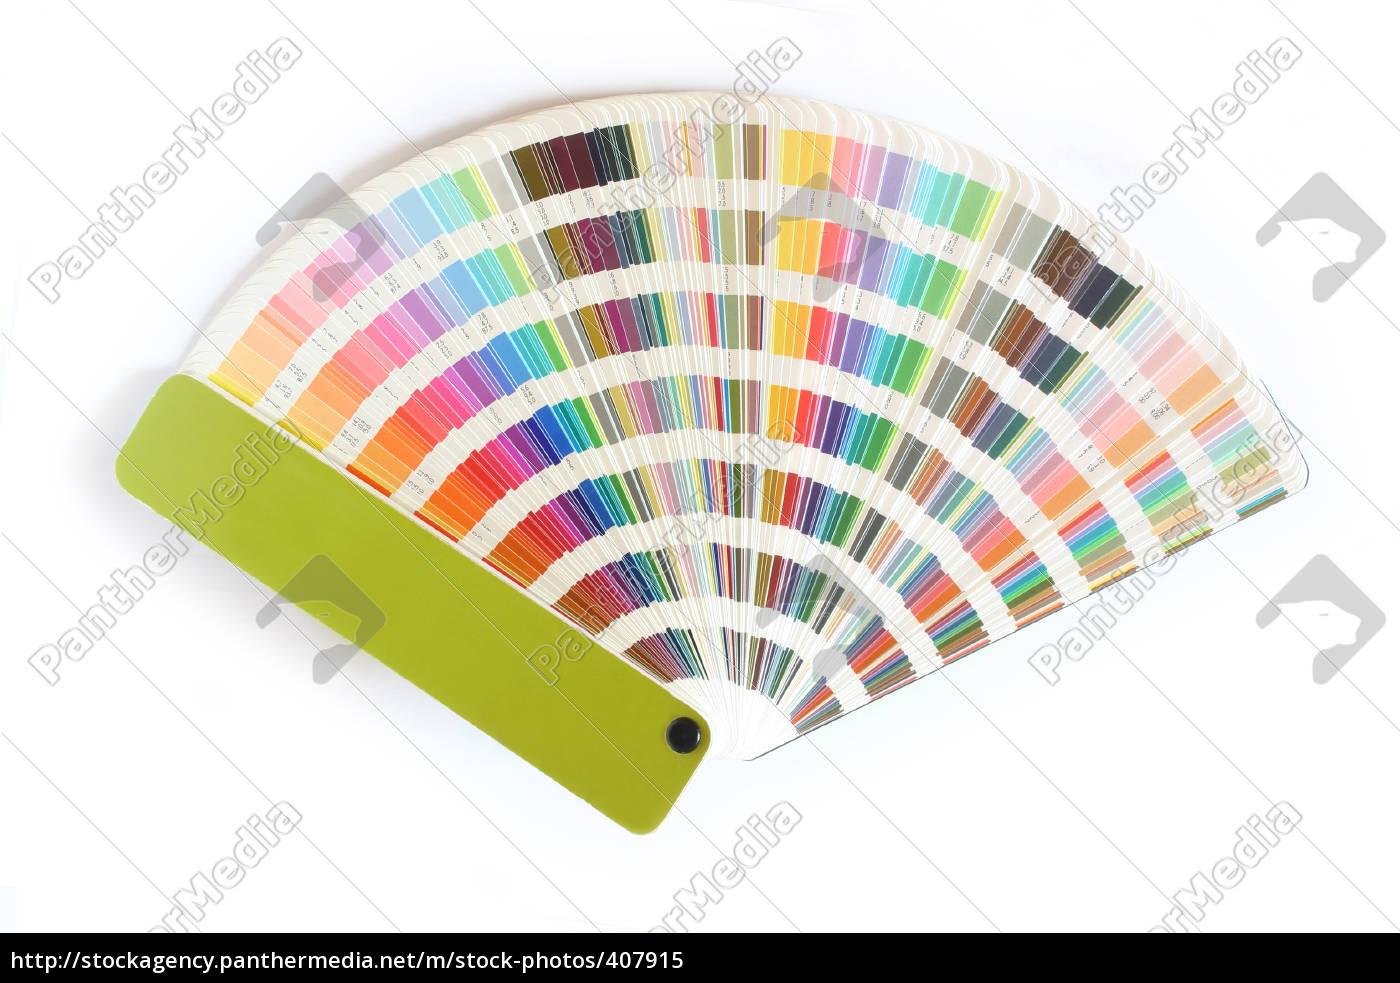 farbfächer - 407915